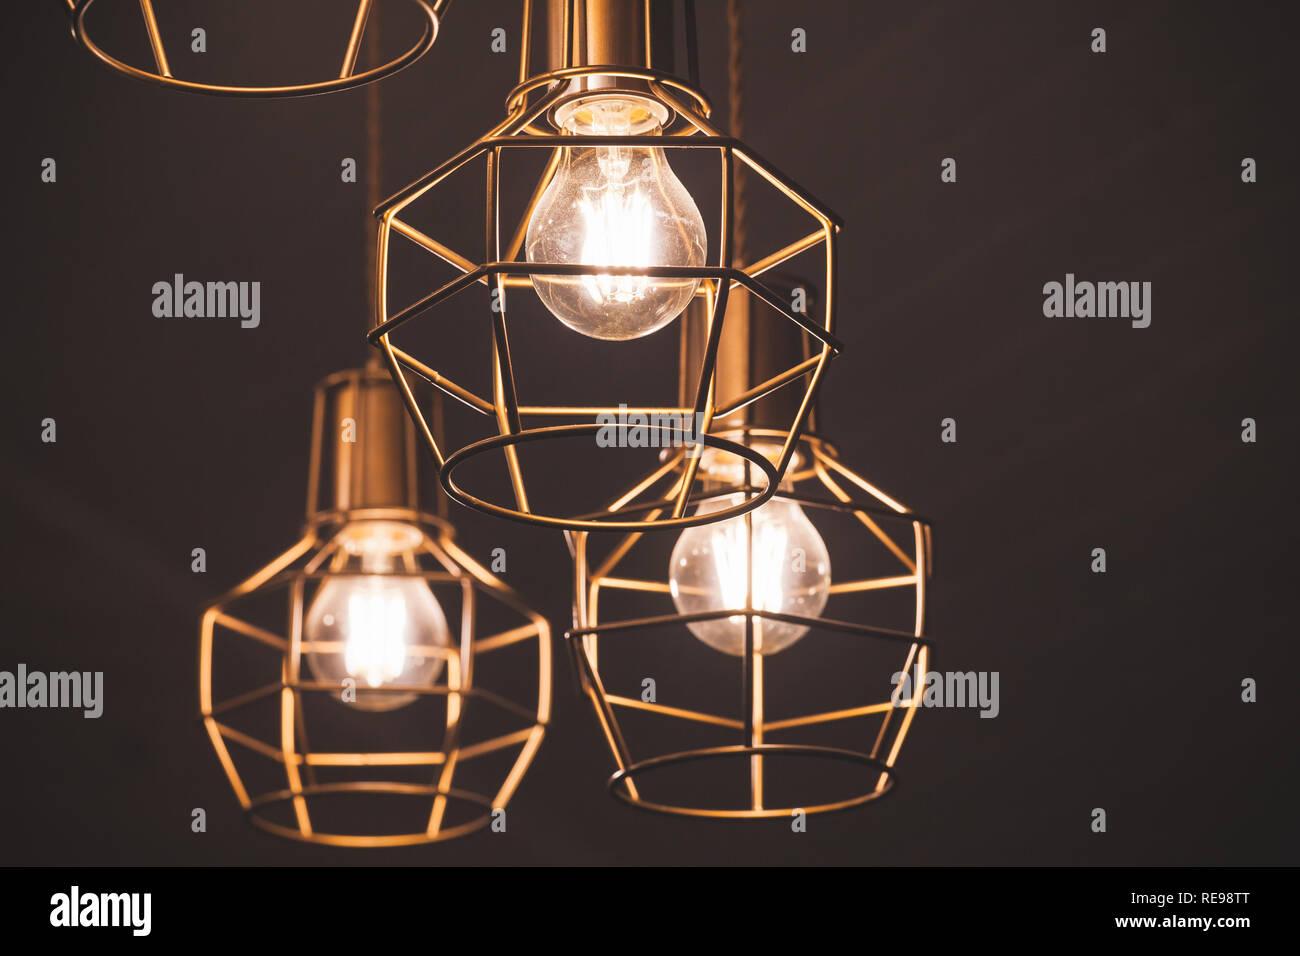 Ampoule Lampes JauneÉléments D Led Lustre Avec Suspension 54jARL